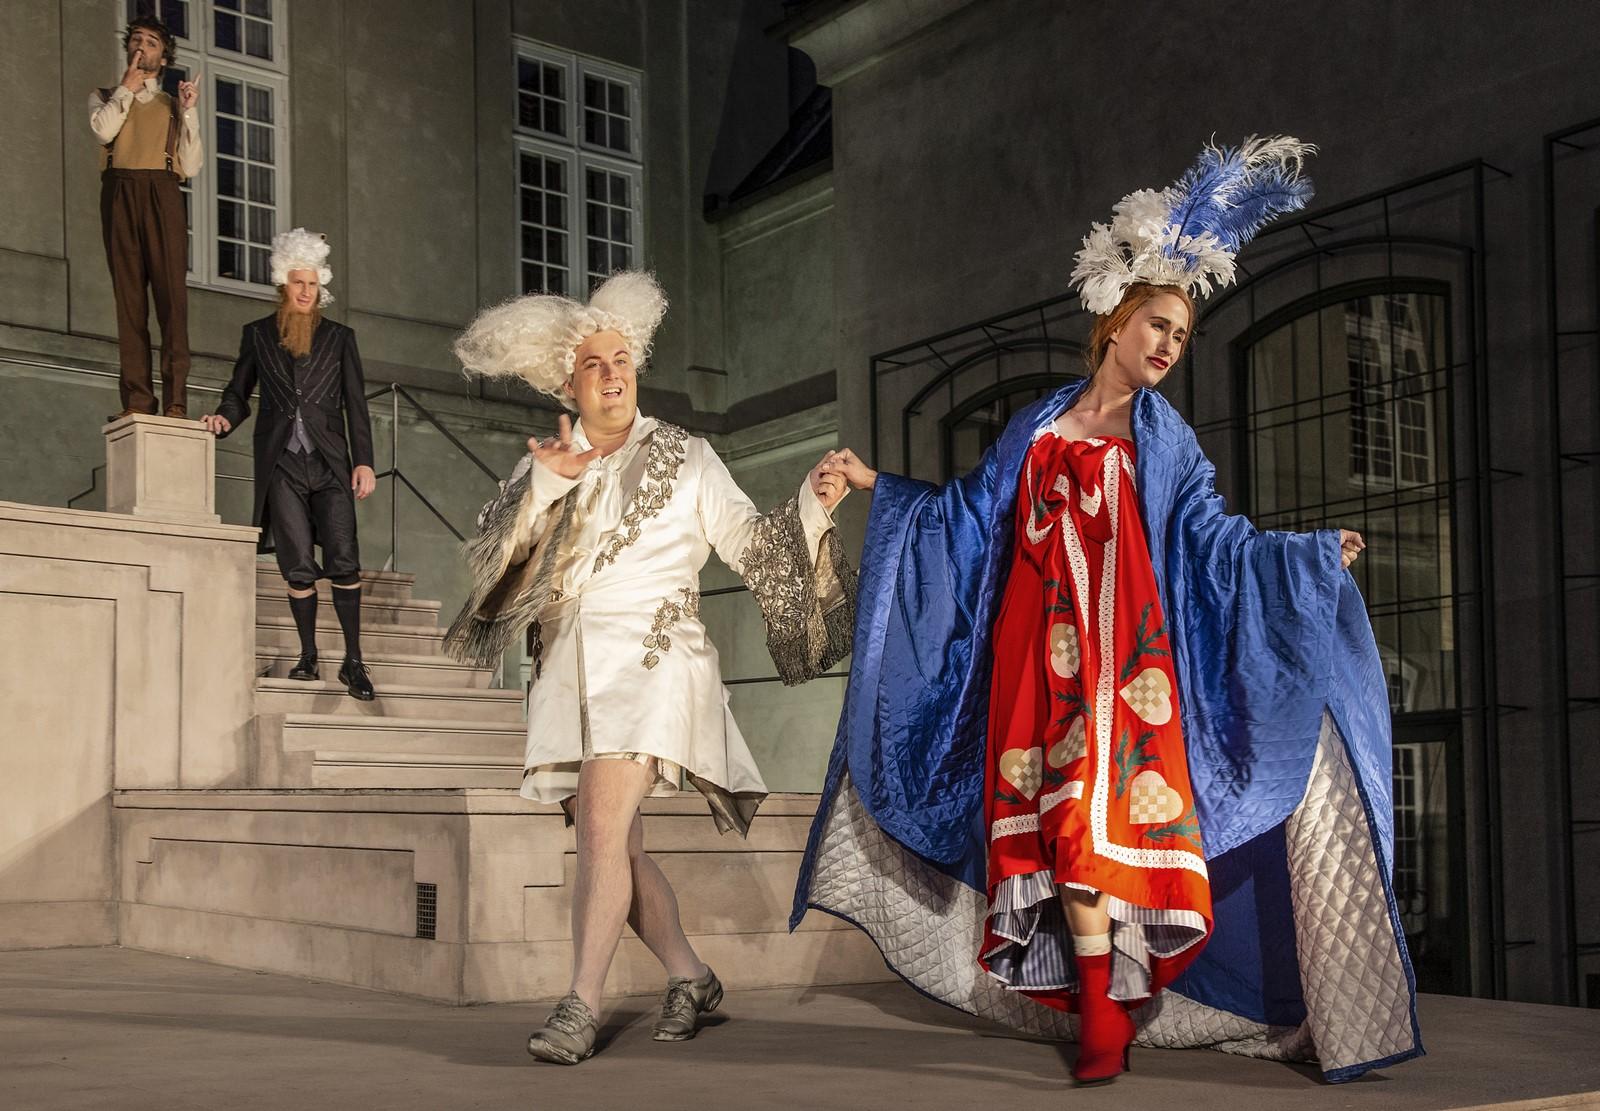 Anmeldelse: Jean de France, Odd Fellow Palæets have (Grønnegårds Teatret)